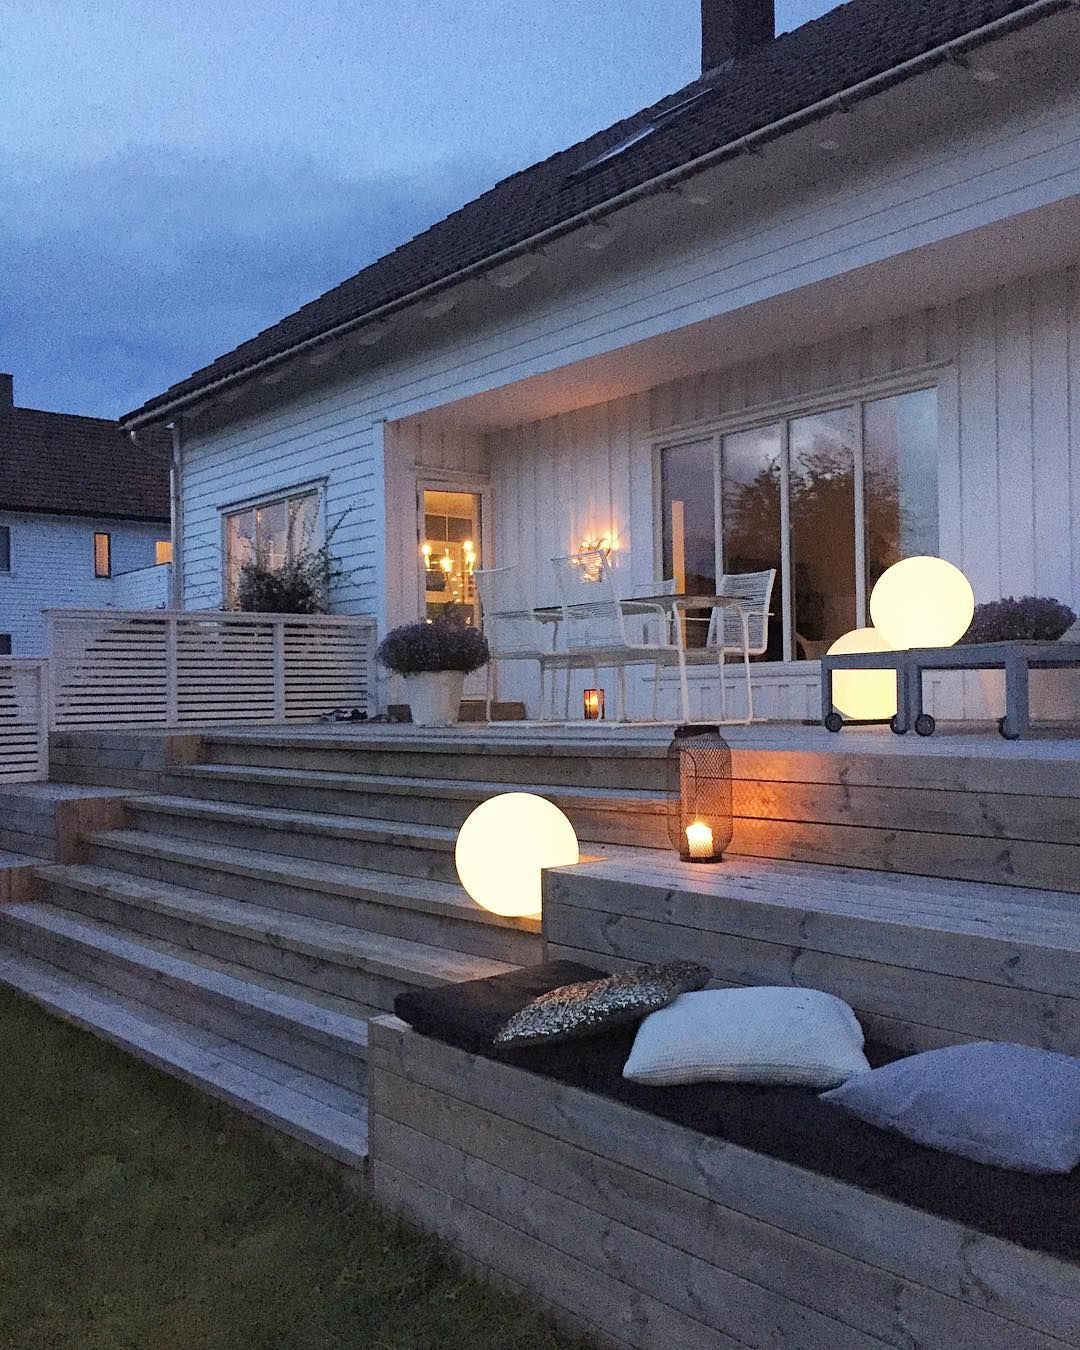 Byggahus.se - Oberoende portal på konsumentens sida - För den som ...